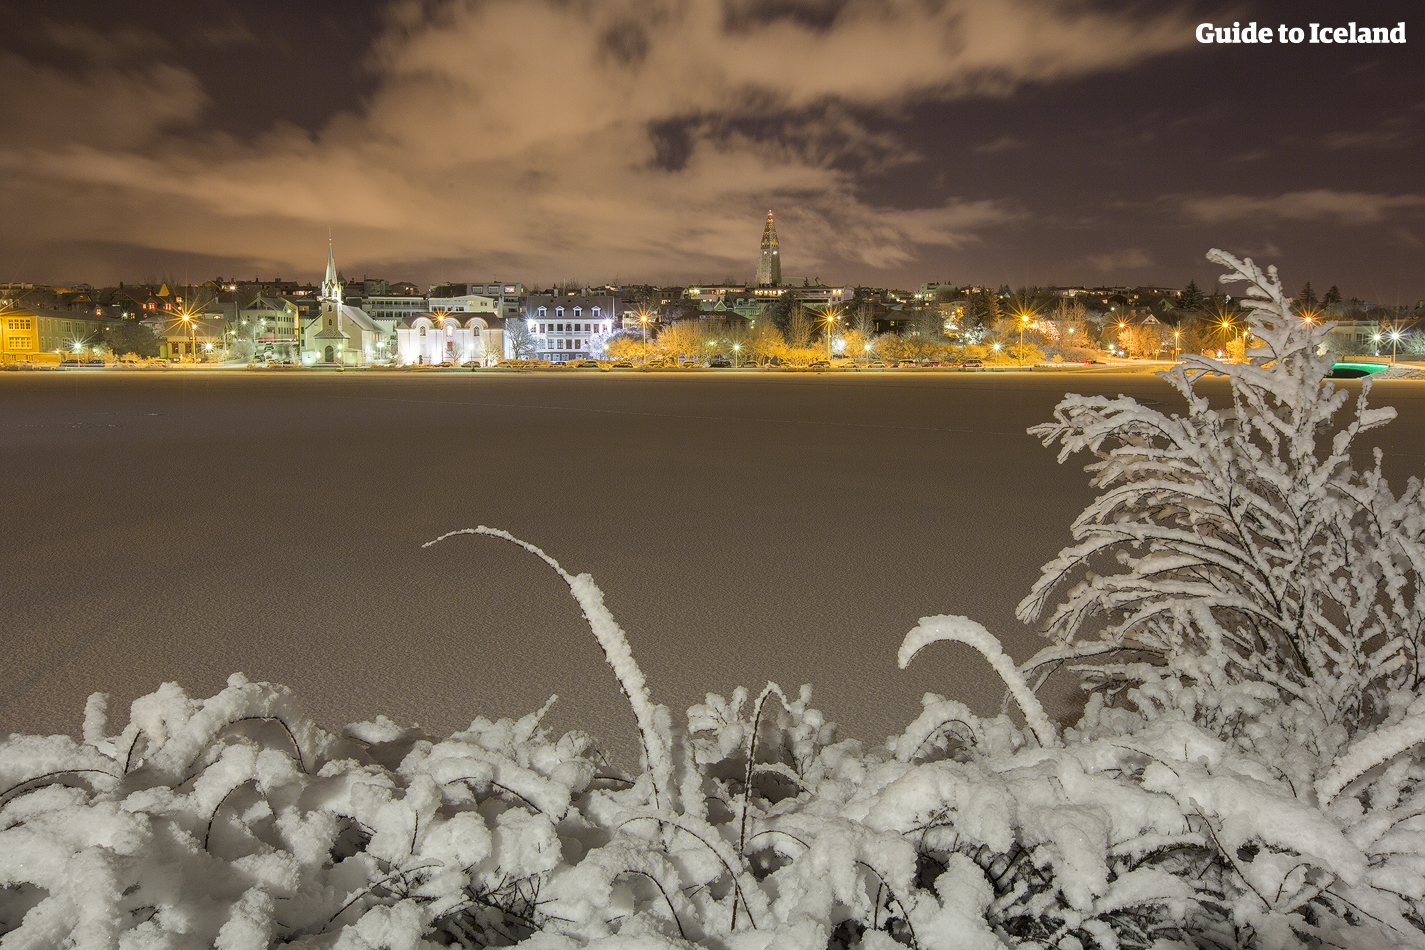 Zimowa noc w Reykjaviku, na horyzoncie ciepłe światła miasta.